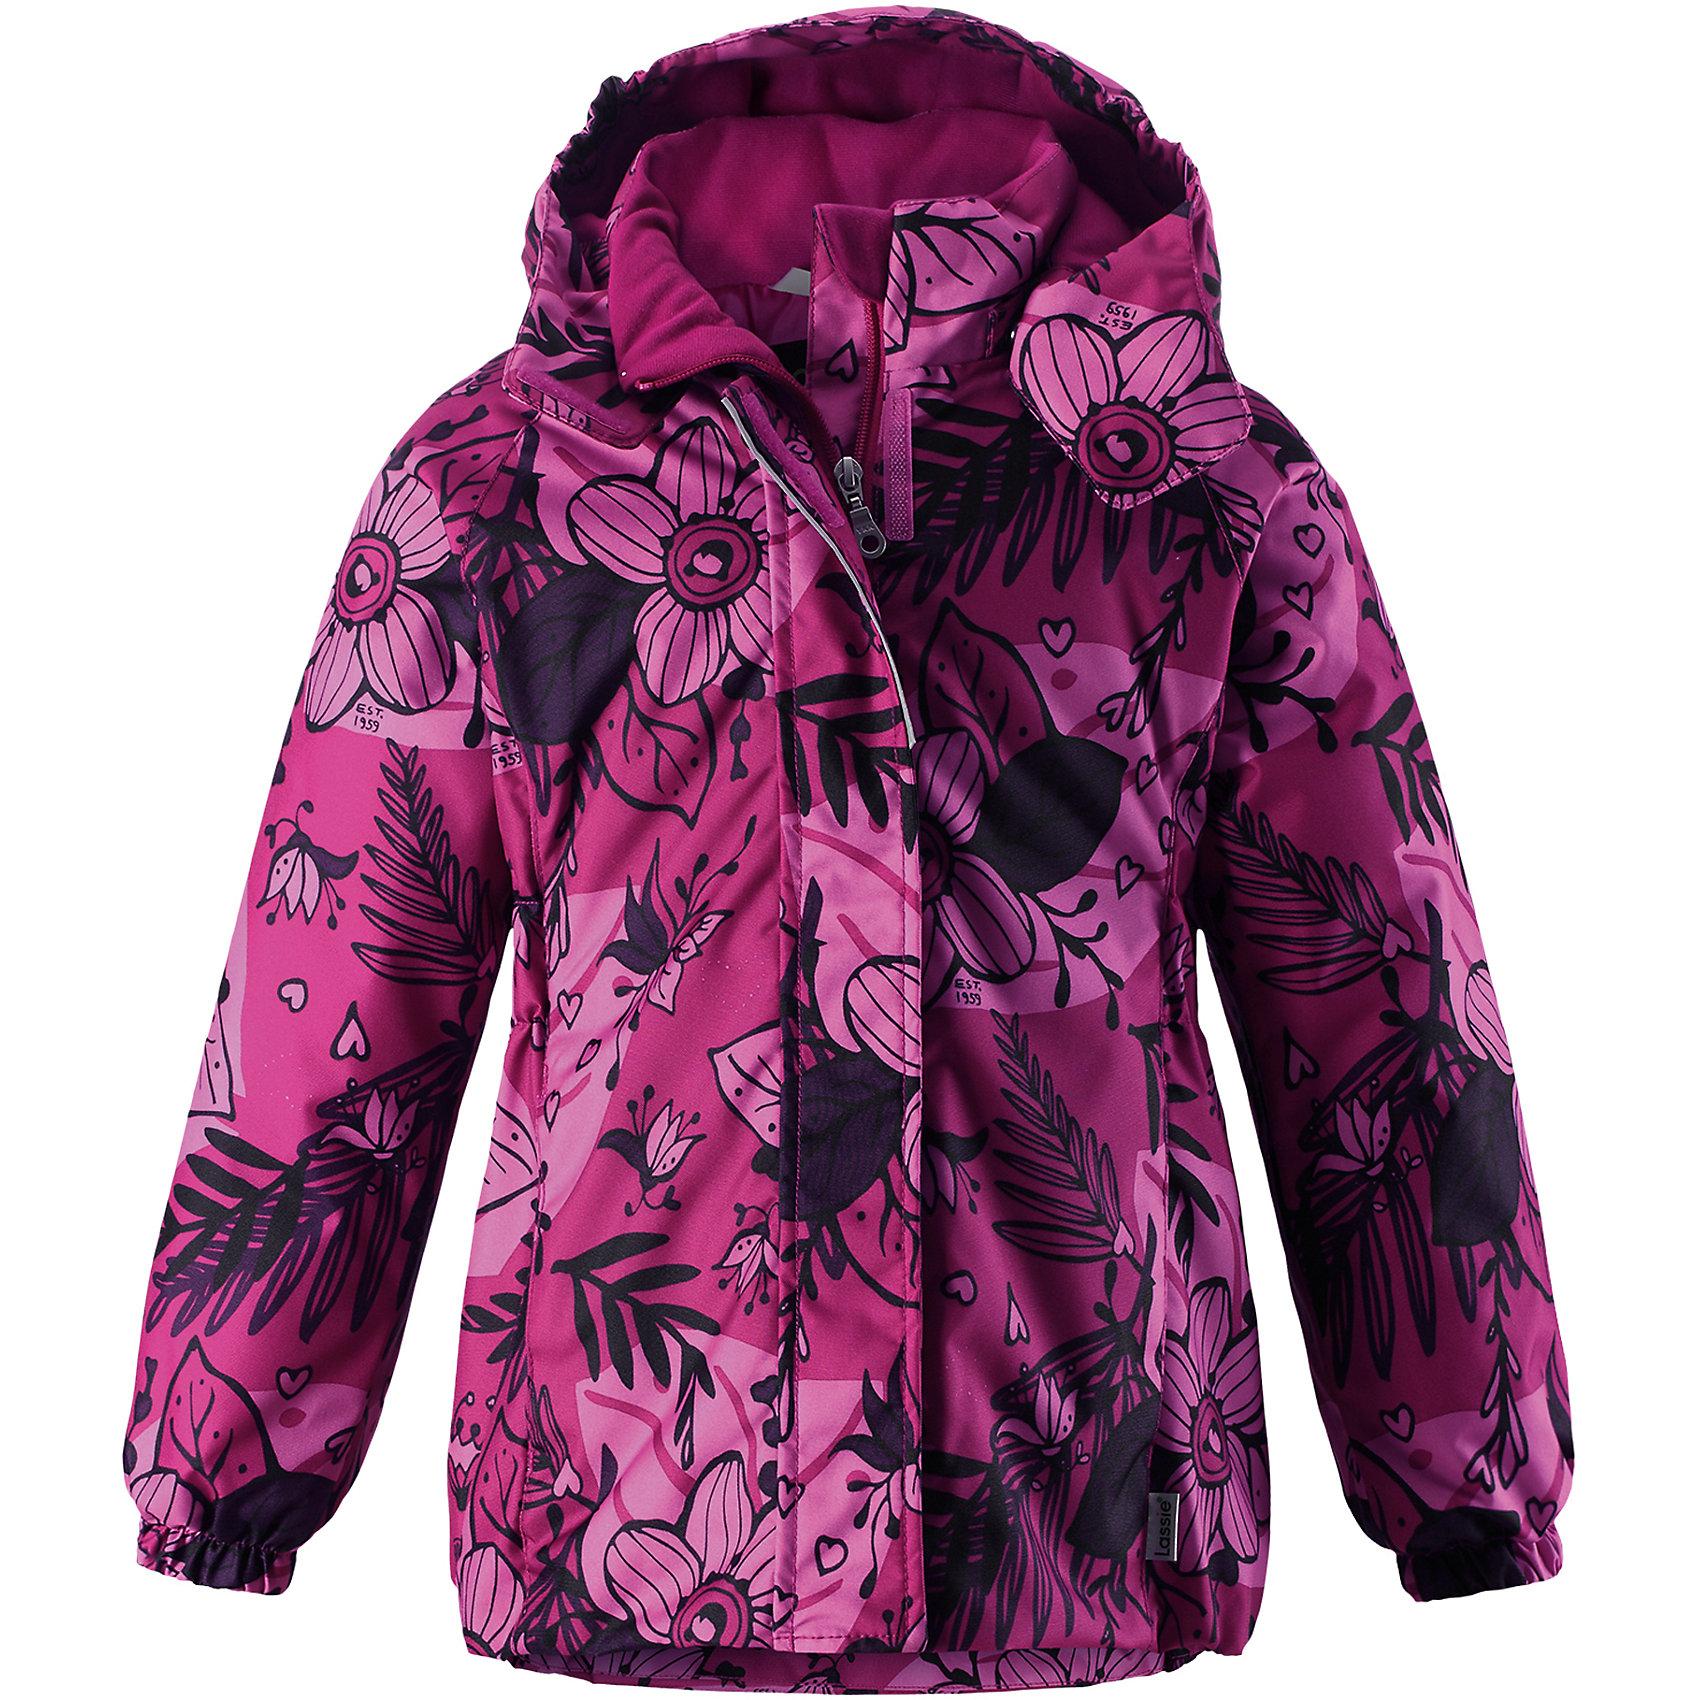 Куртка Lassie для девочкиОдежда<br>Характеристики товара:<br><br>• цвет: розовый;<br>• состав: 100% полиэстер, полиуретановое покрытие;<br>• подкладка: 100% полиэстер;<br>• утеплитель: 180 г/м2;<br>• сезон: зима;<br>• температурный режим: от 0 до -20С;<br>• водонепроницаемость: 1000 мм;<br>• воздухопроницаемость: 1000 мм;<br>• износостойкость: 50000 циклов (тест Мартиндейла);<br>• застежка: молния с дополнительной защитной планкой;<br>• водоотталкивающий, ветронепроницаемый и дышащий материал;<br>• гладкая подкладка из полиэстера;<br>• безопасный съемный капюшон; <br>• эластичные манжеты рукавов; <br>• эластичная кромка подола;<br>• карманы в боковых швах;<br>• светоотражающие детали;<br>• страна бренда: Финляндия;<br>• страна изготовитель: Китай;<br><br>Зимняя куртка для девочек с цветочным рисунком. Куртка изготовлена из ветронепроницаемого, дышащего материала с верхним водо- и грязеотталкивающим слоем, поэтому вашему ребенку будет тепло и удобно во время веселых зимних прогулок. Эта куртка с подкладкой из гладкого полиэстера легко надевается, и ее очень удобно носить с теплым промежуточным слоем. Безопасный, отстегивающийся капюшон защищает от холодного ветра, а также безопасен во время игр на свежем воздухе. Модель для девочек.<br><br><br>Куртку Lassie (Ласси) для девочки можно купить в нашем интернет-магазине.<br><br>Ширина мм: 356<br>Глубина мм: 10<br>Высота мм: 245<br>Вес г: 519<br>Цвет: розовый<br>Возраст от месяцев: 108<br>Возраст до месяцев: 120<br>Пол: Женский<br>Возраст: Детский<br>Размер: 140,92,98,104,110,116,122,128,134<br>SKU: 6927481